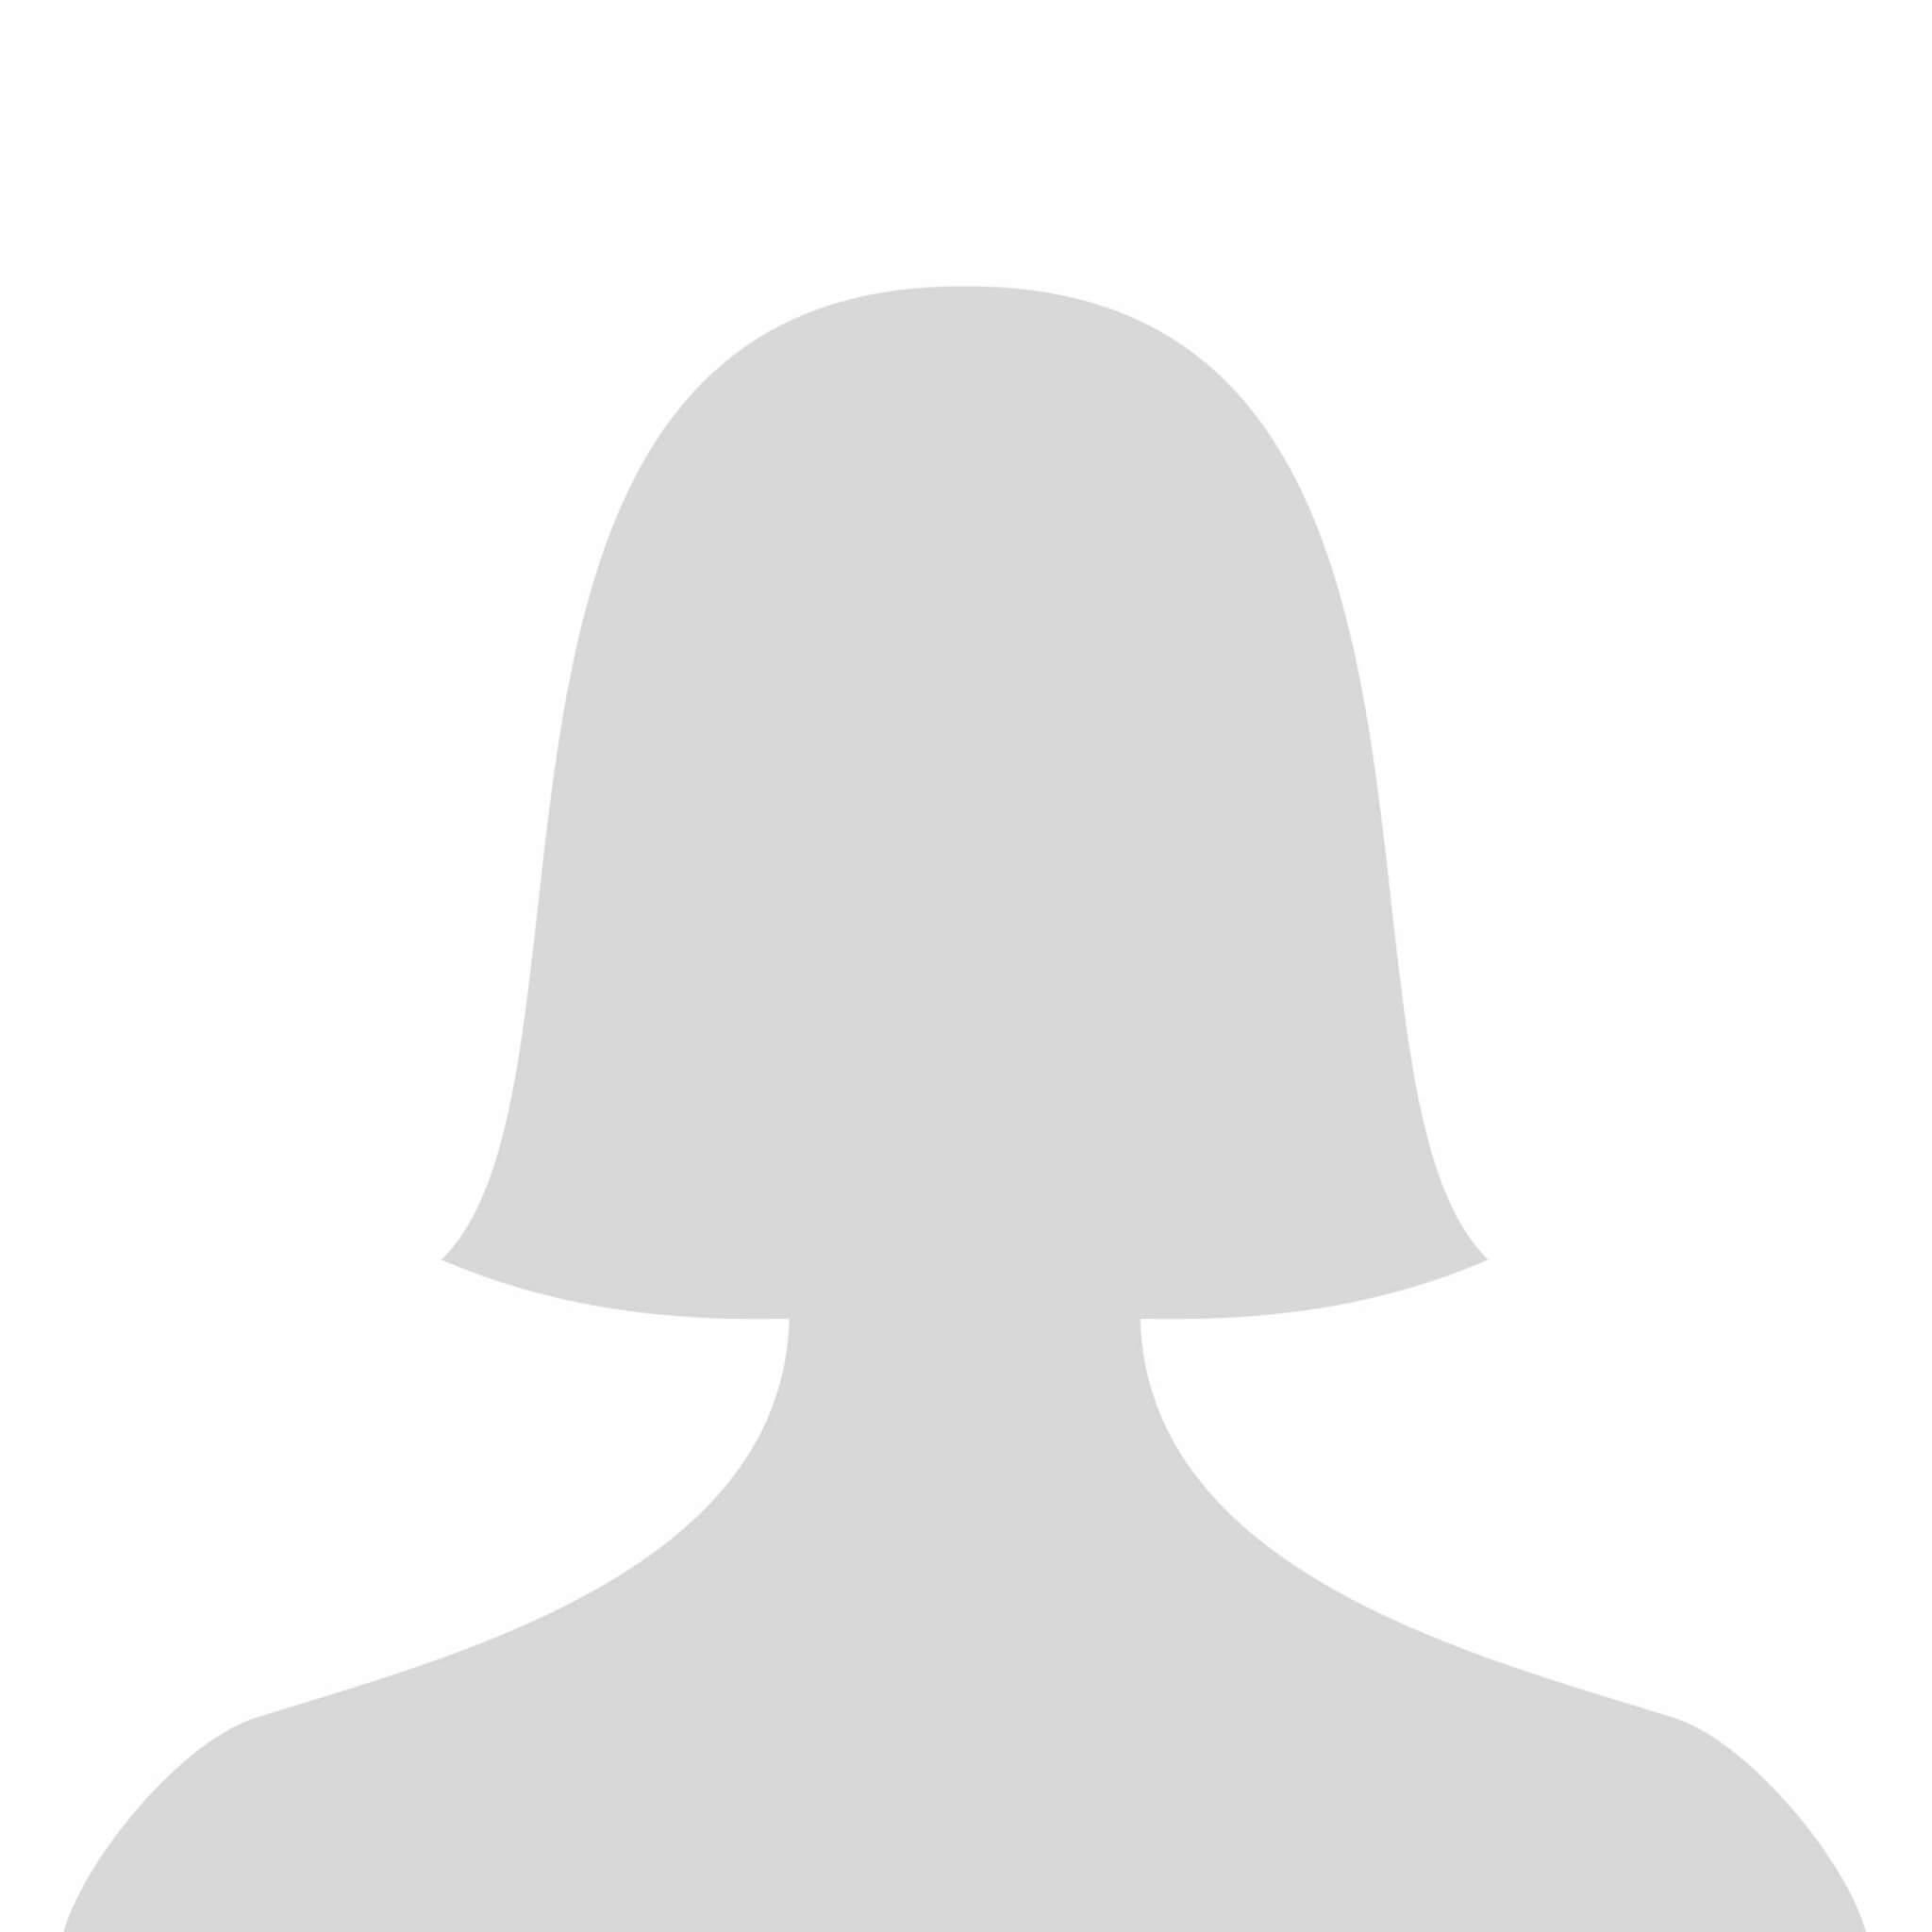 Platzhalter Phantombild weiblich